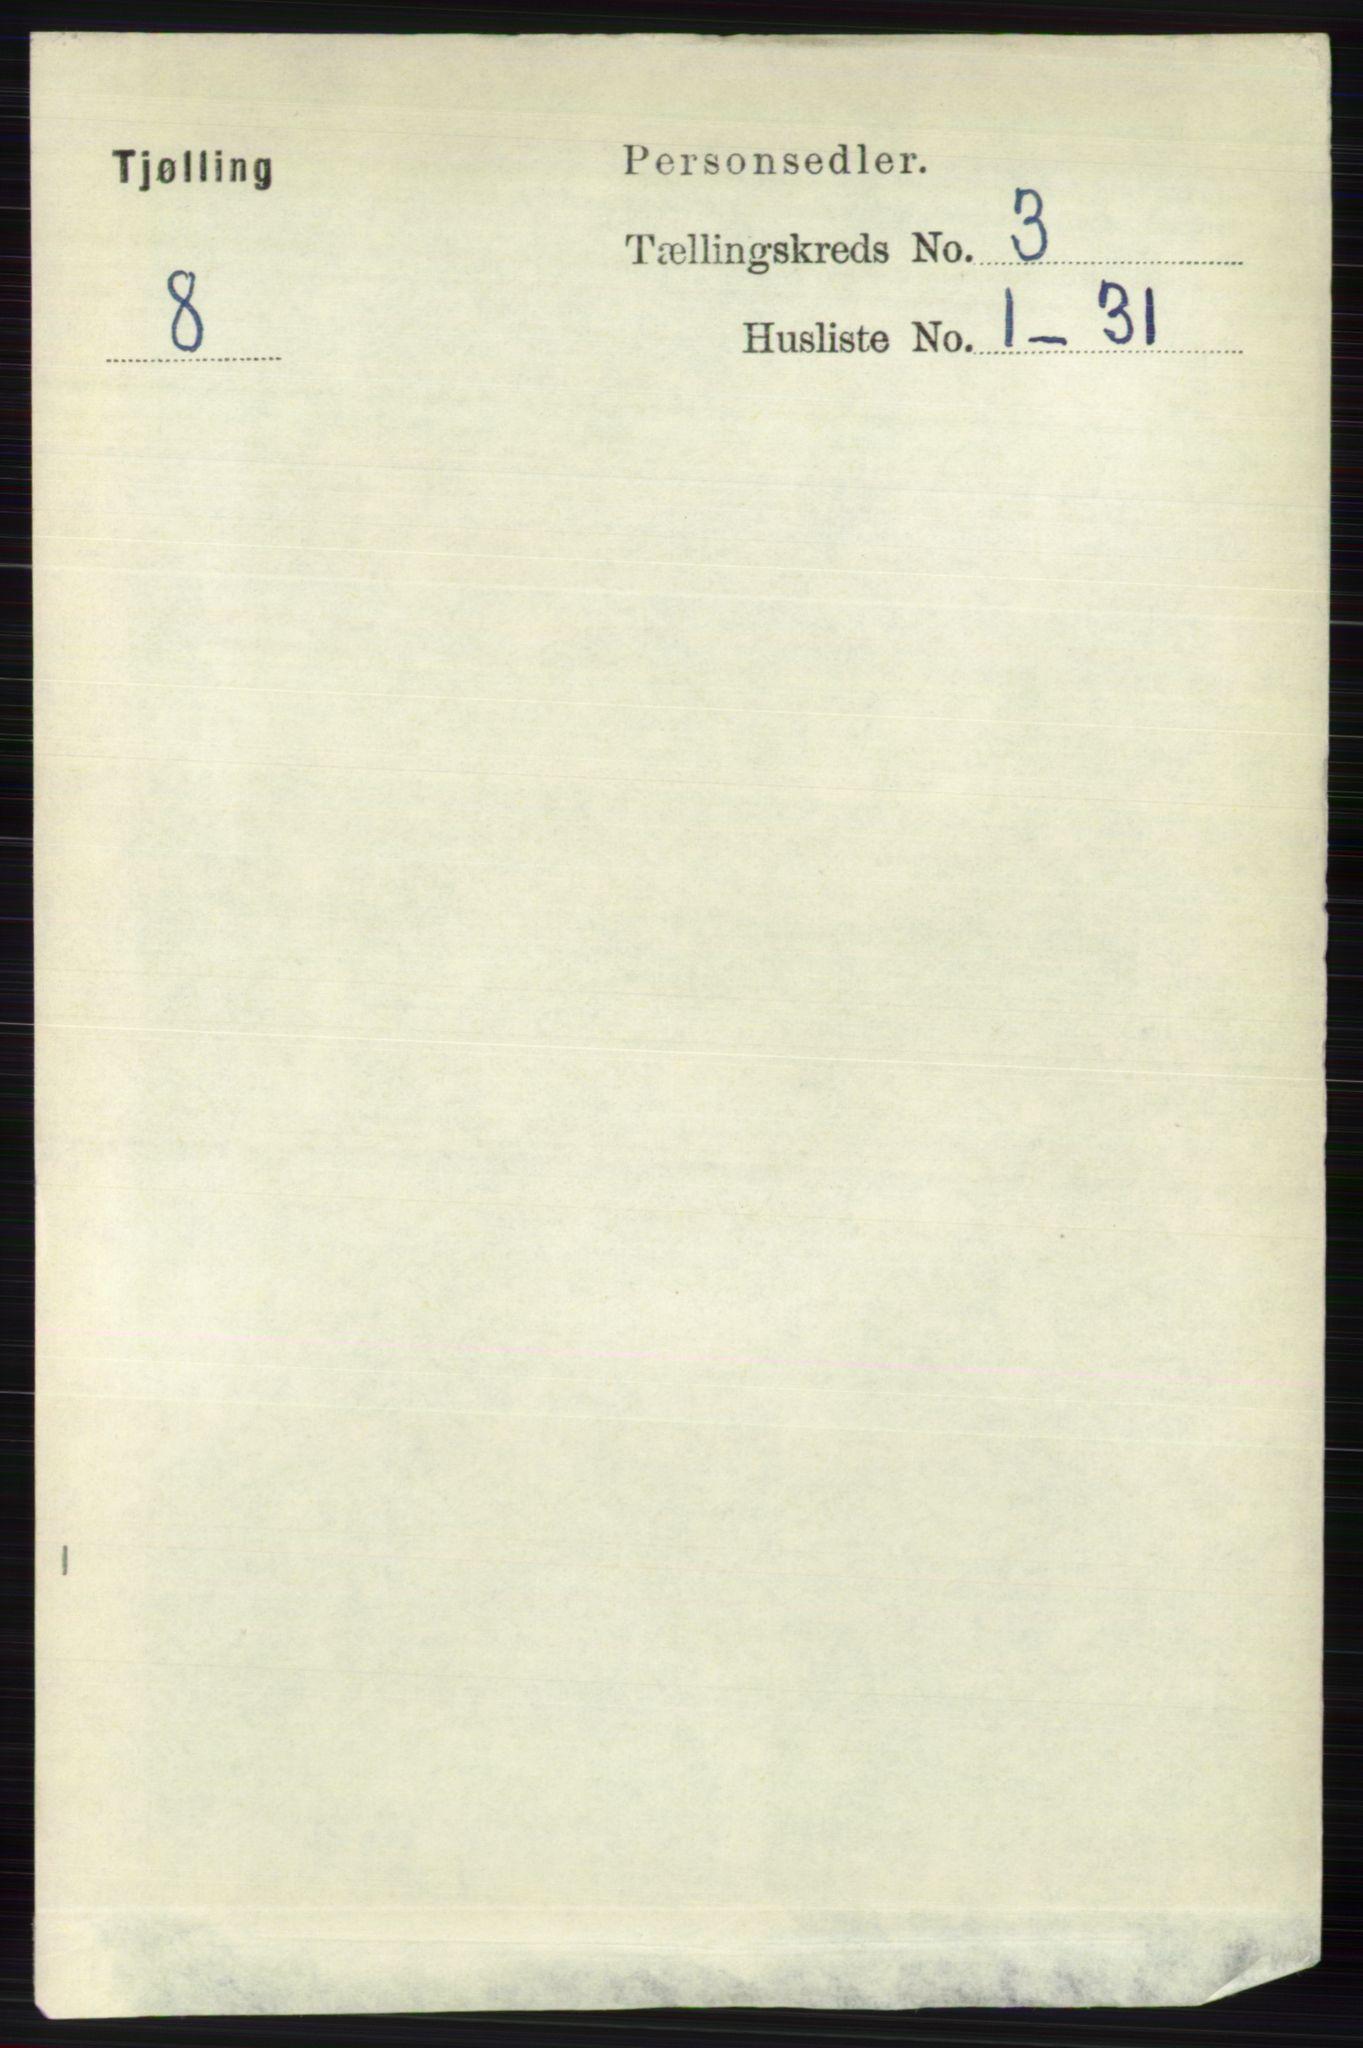 RA, Folketelling 1891 for 0725 Tjølling herred, 1891, s. 915